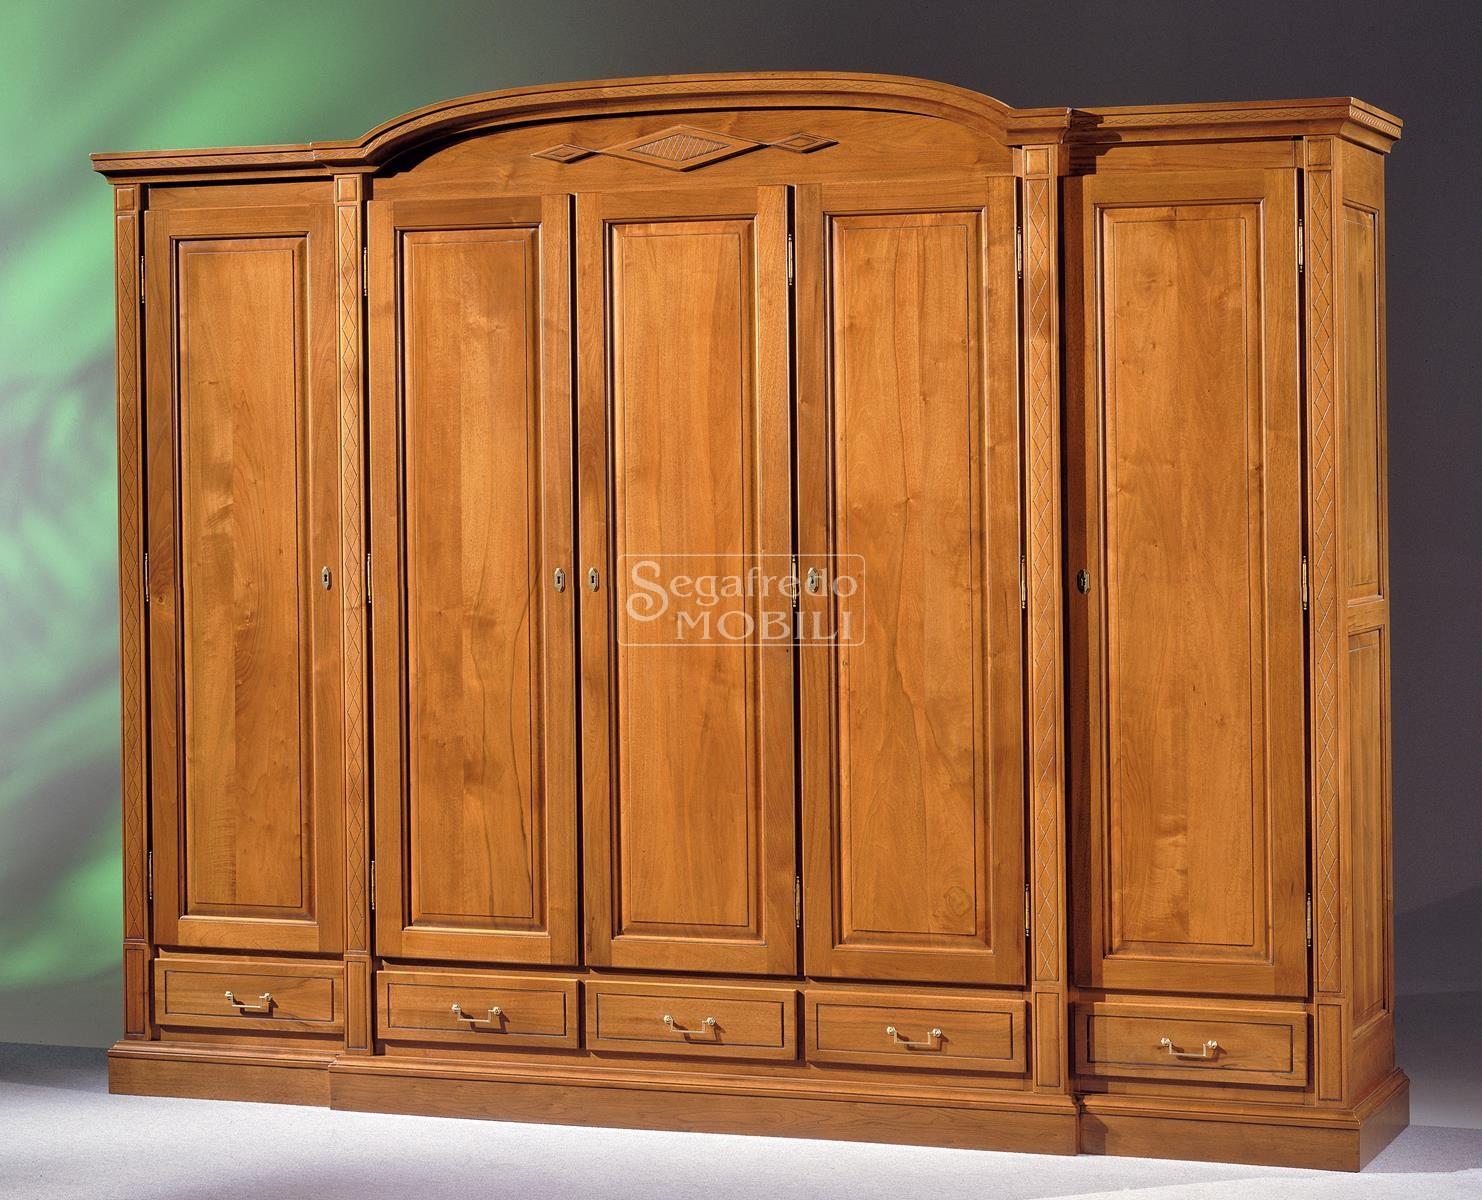 Armadio mod elena in legno massiccio a 5 ante a corpo - Mobili in abete massiccio ...